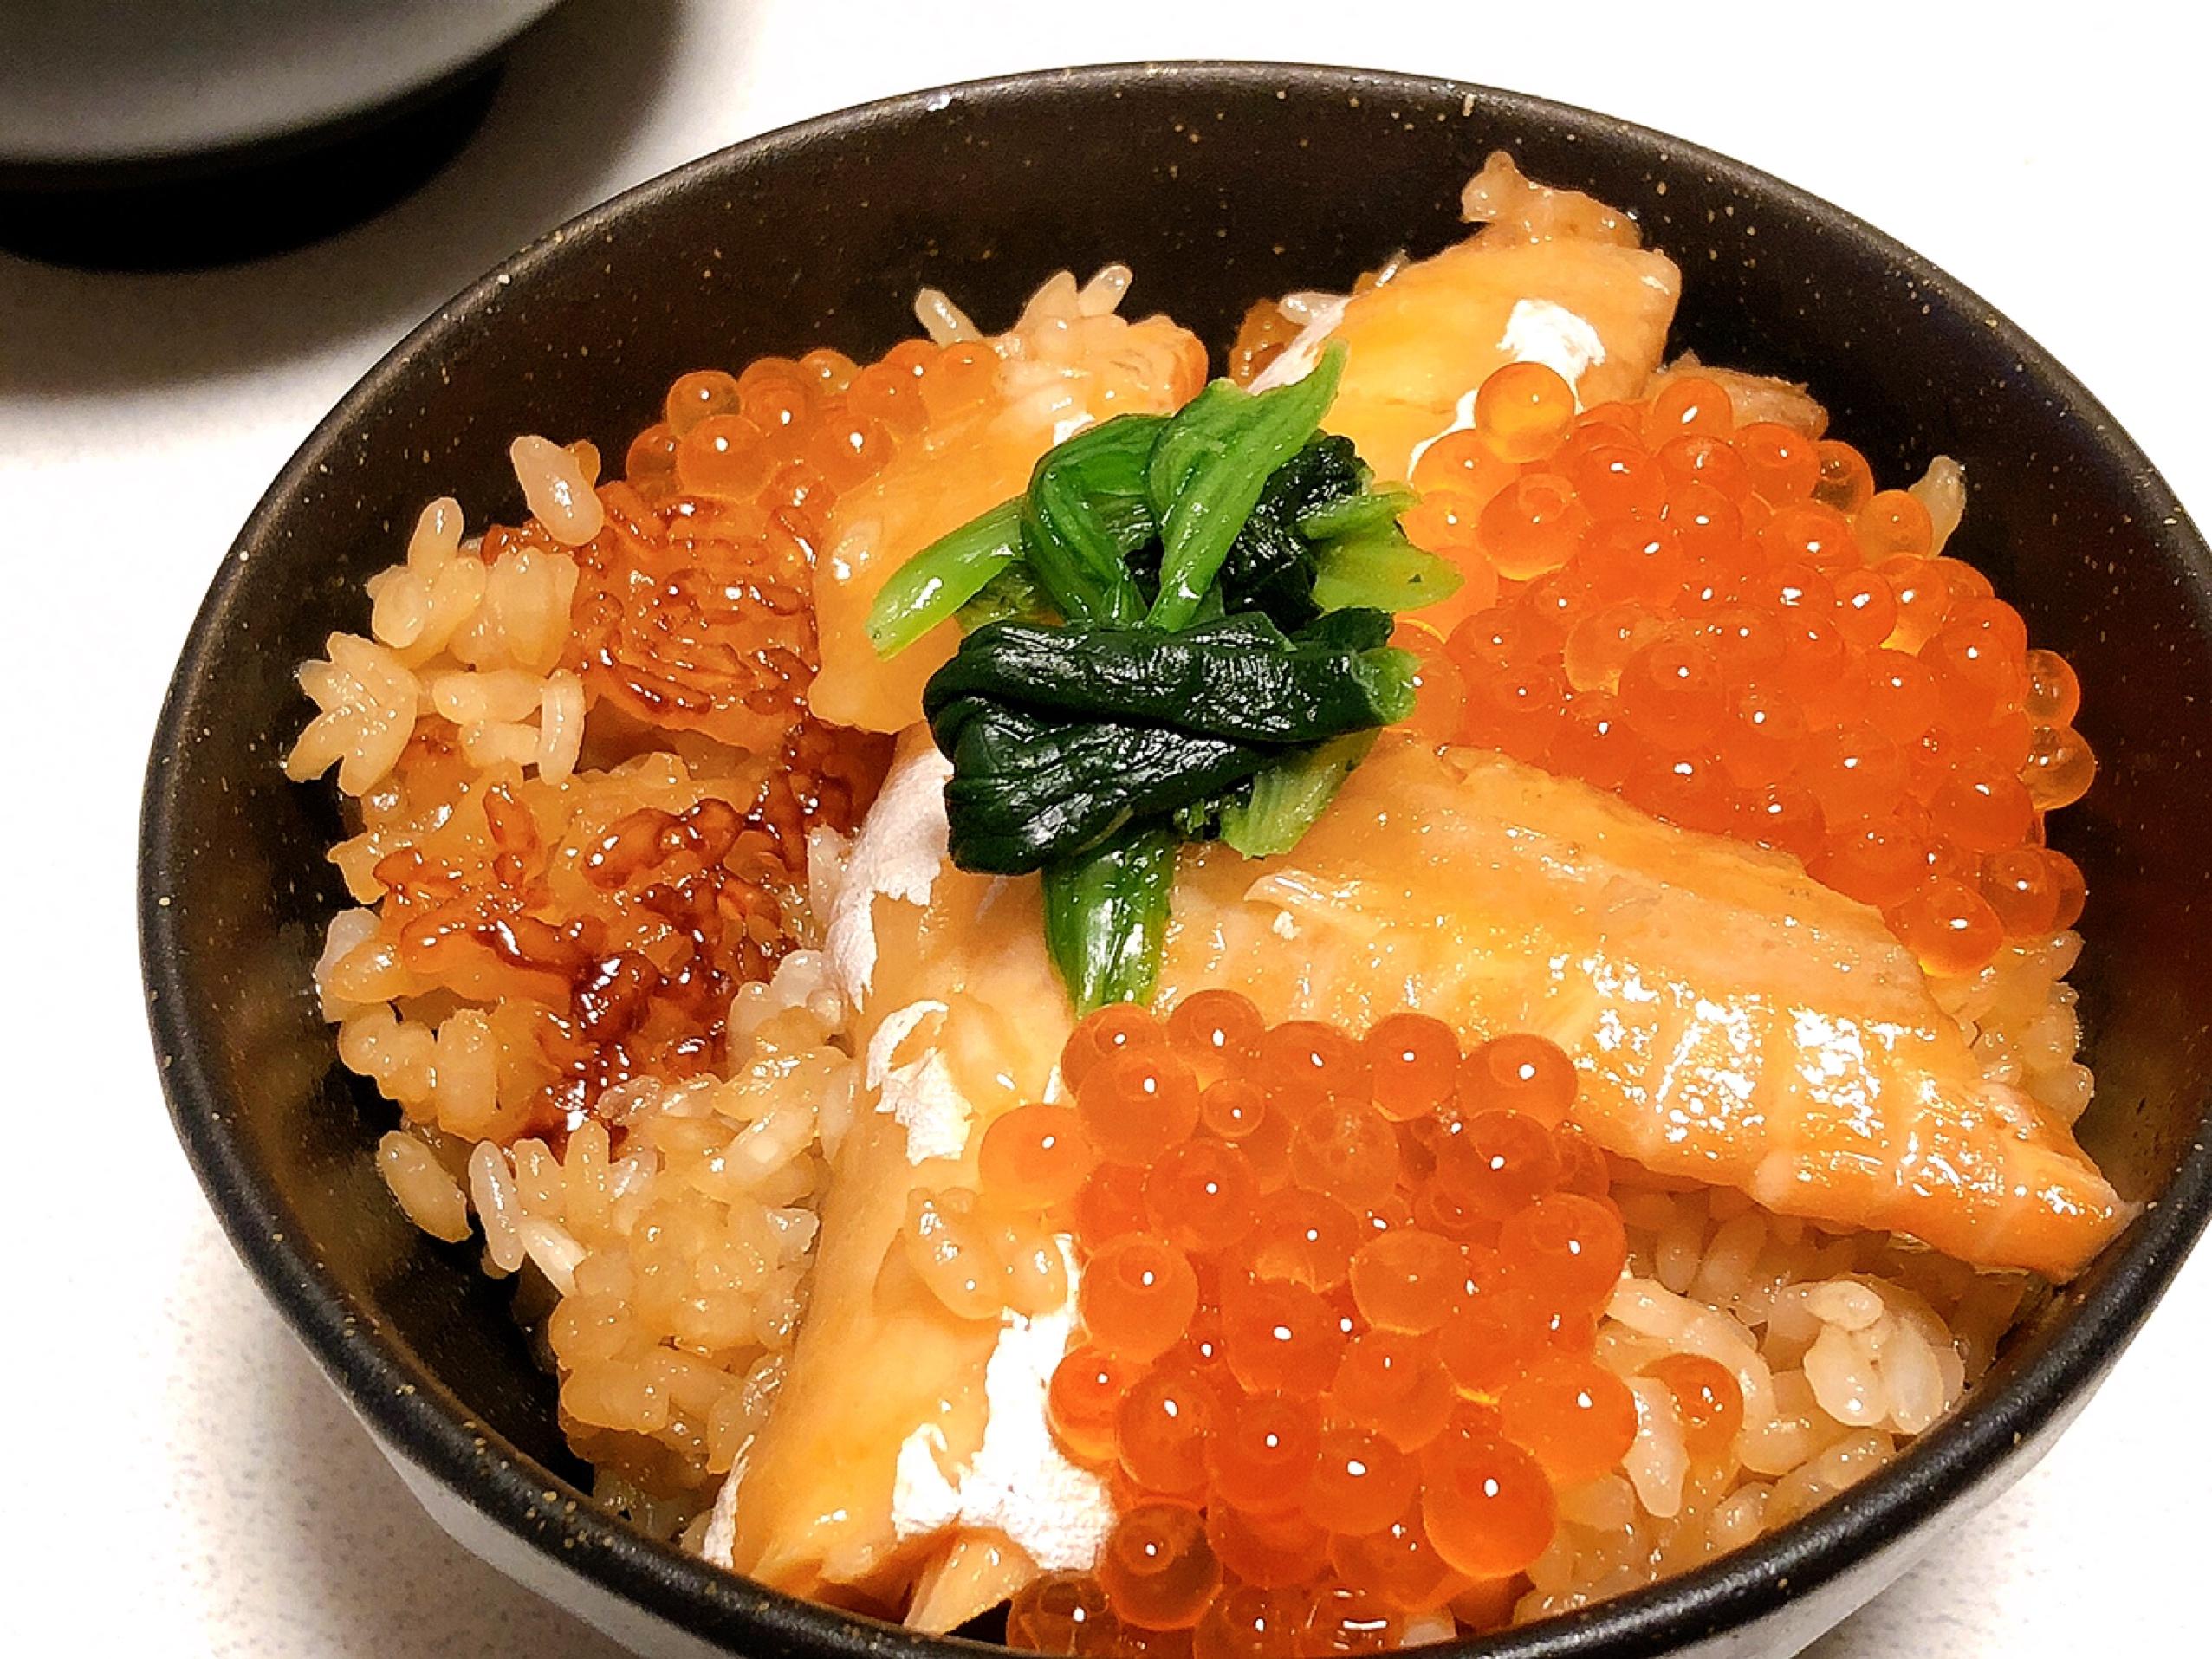 【簡単贅沢レシピ】お家で簡単に♩鮭といくらの親子炊き込みご飯( ´ ▽ ` )_4